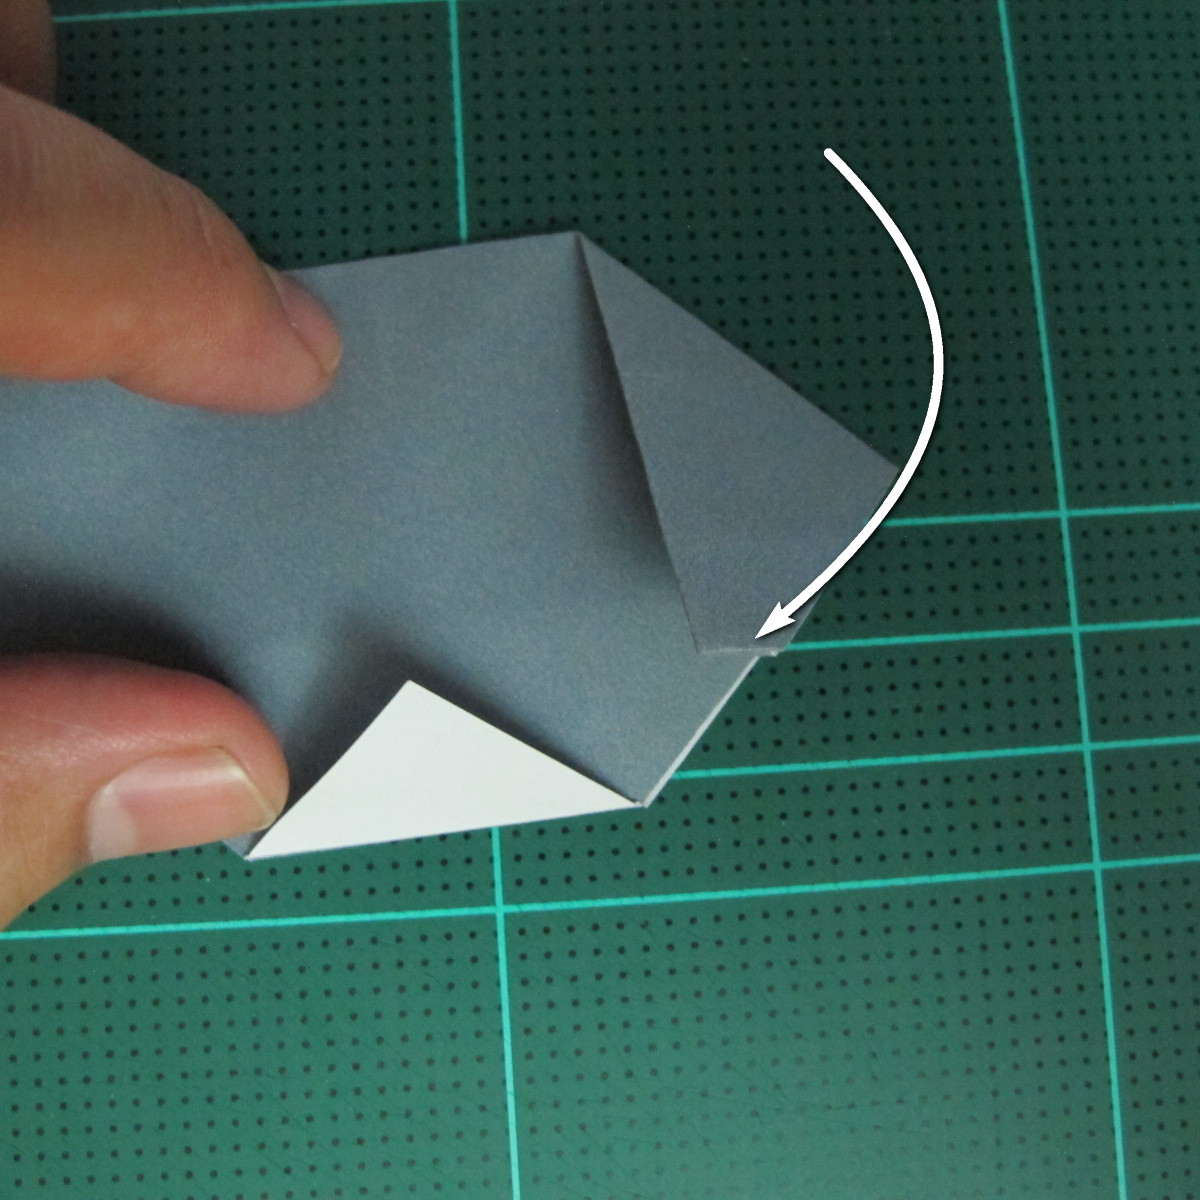 วิธีพับกระดาษเป็นรูปลูกสุนัข (แบบใช้กระดาษสองแผ่น) (Origami Dog) 020